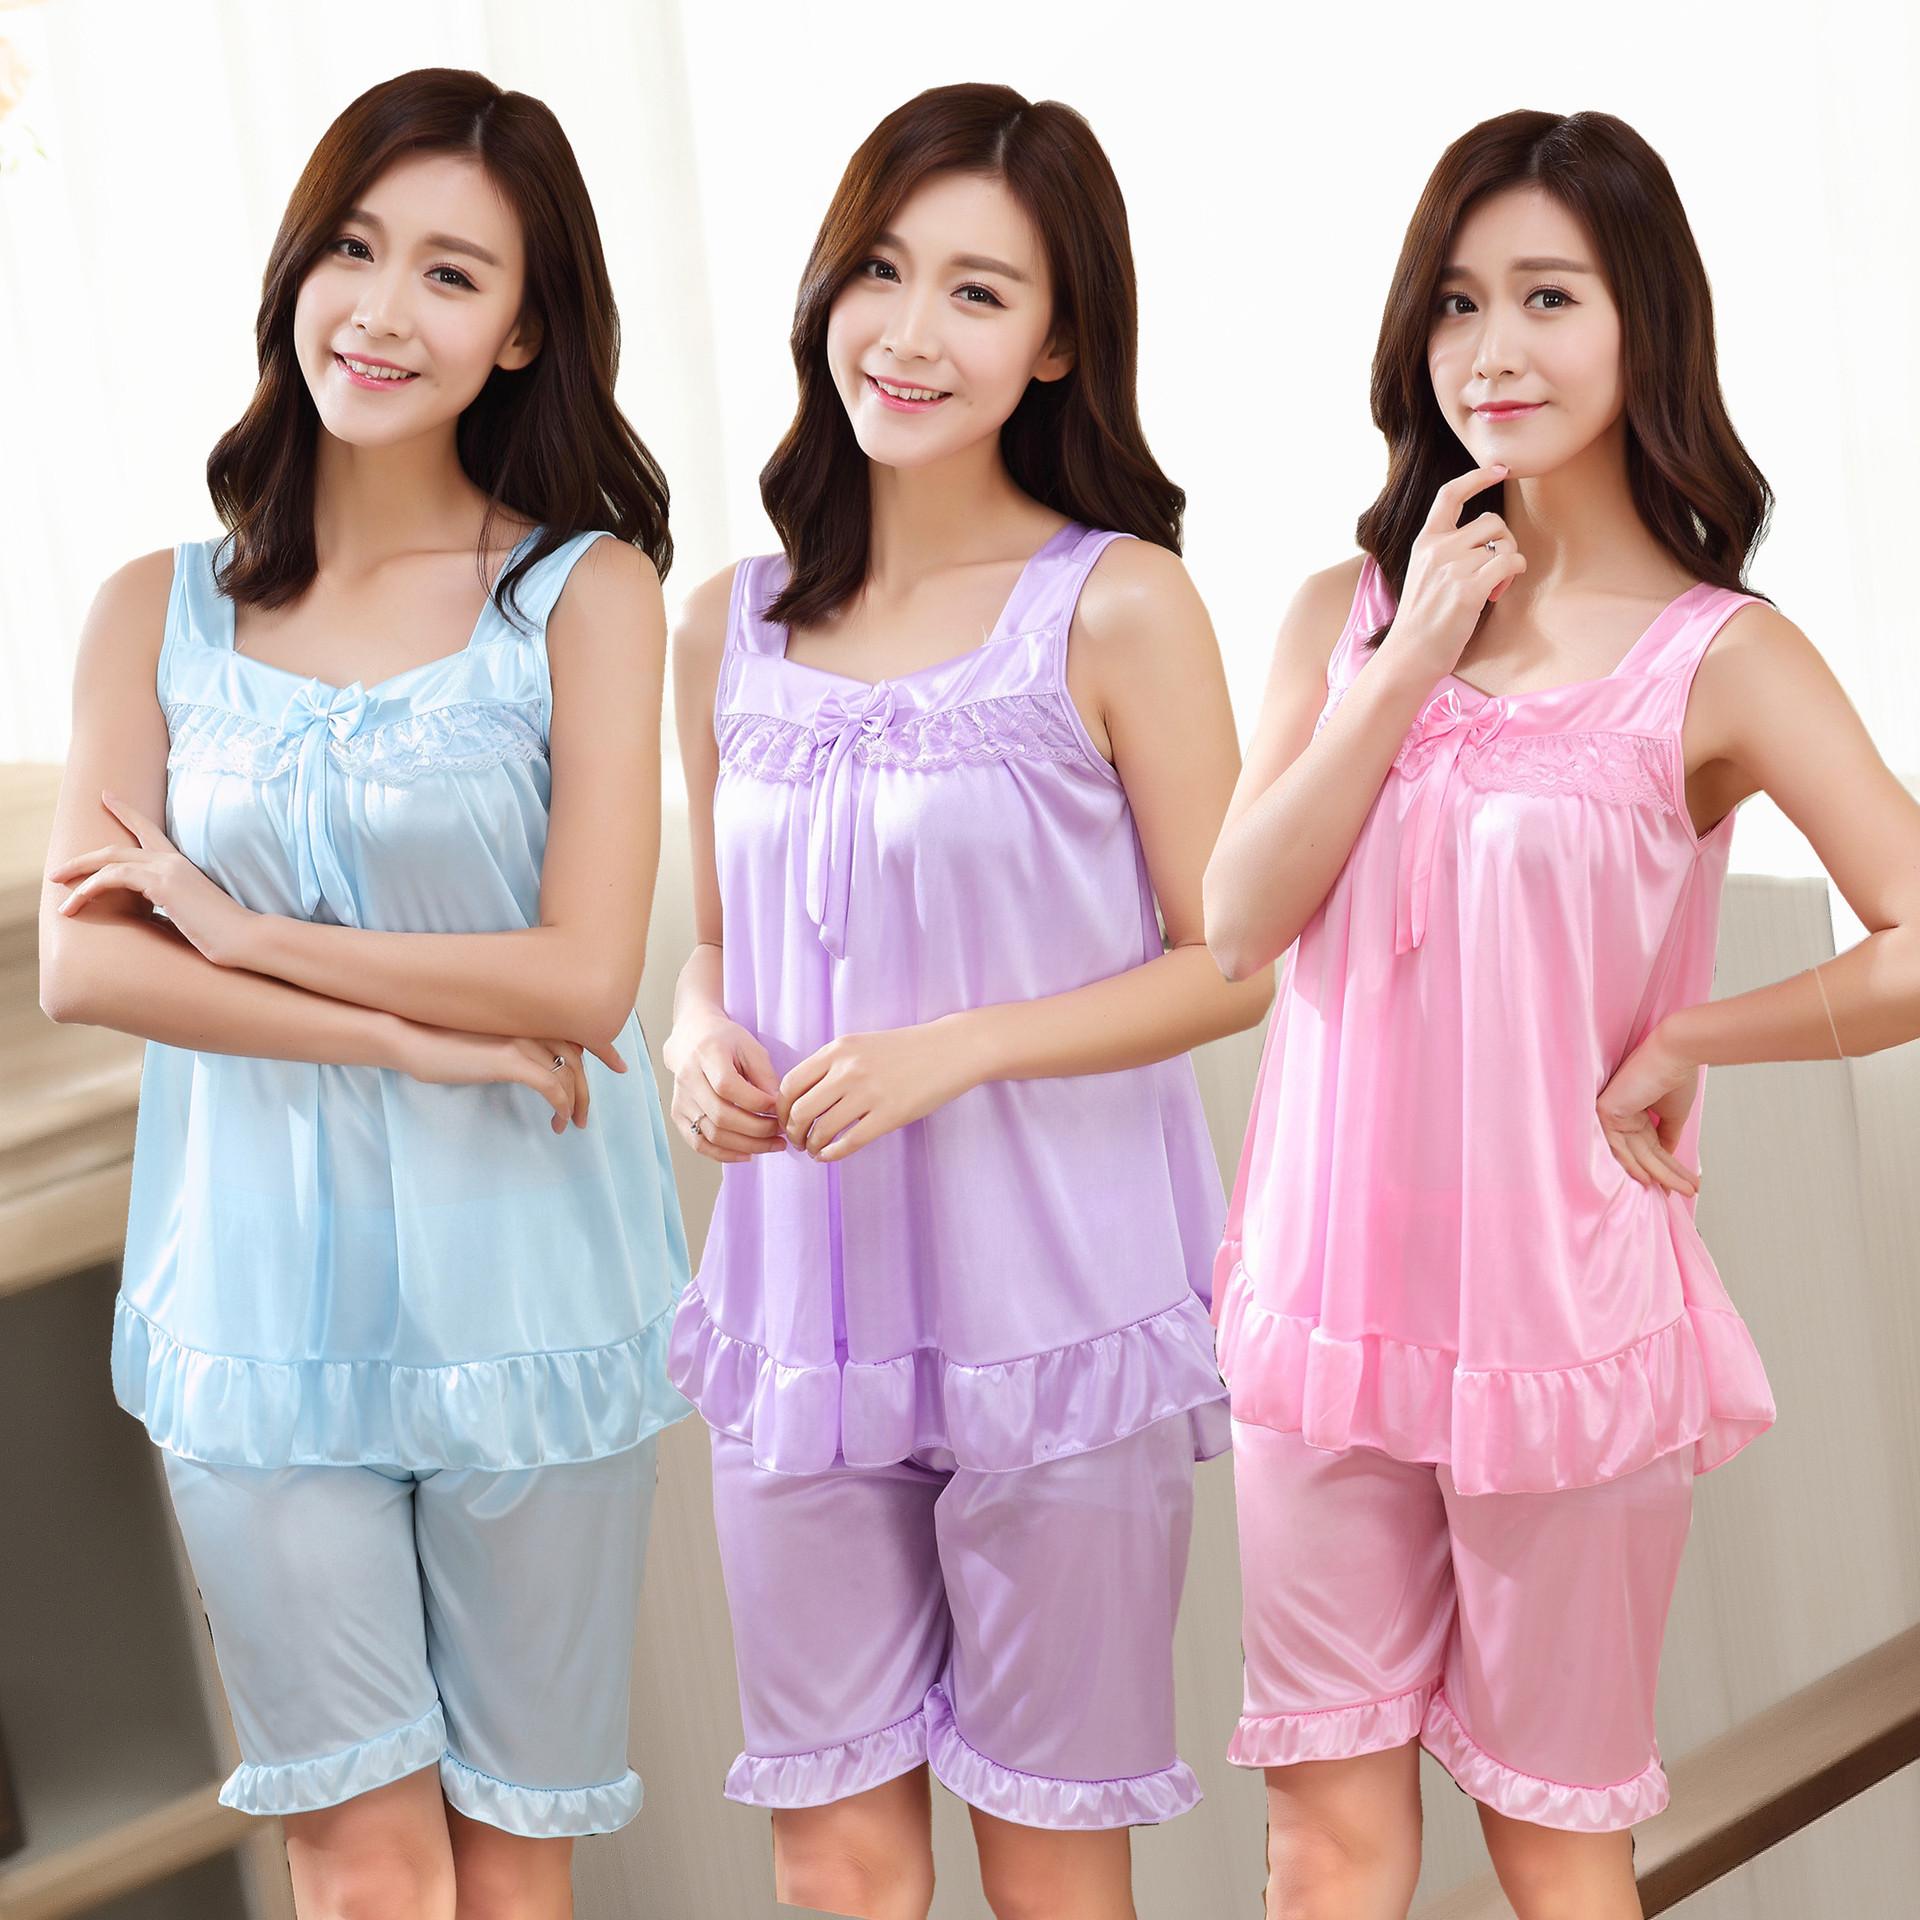 丝睡衣女夏季吊带感丝绸无袖两件套装薄款短袖宽松家居服韩版Q08